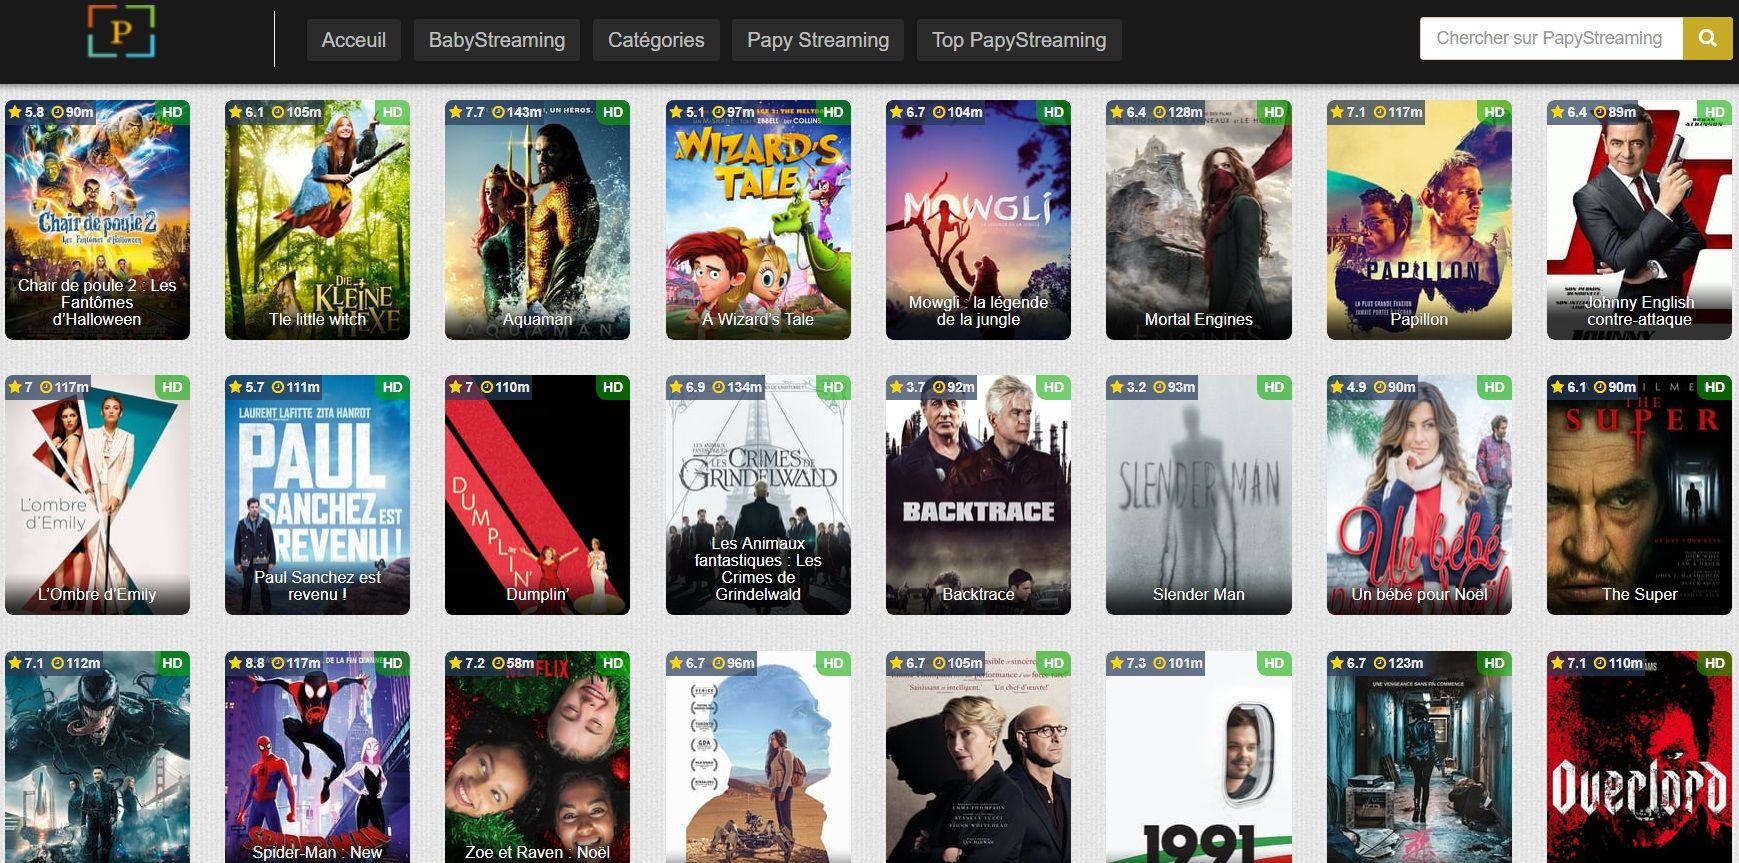 PapyStreaming Les Sites de Streaming Gratuits pour voir les Films et Séries en Français